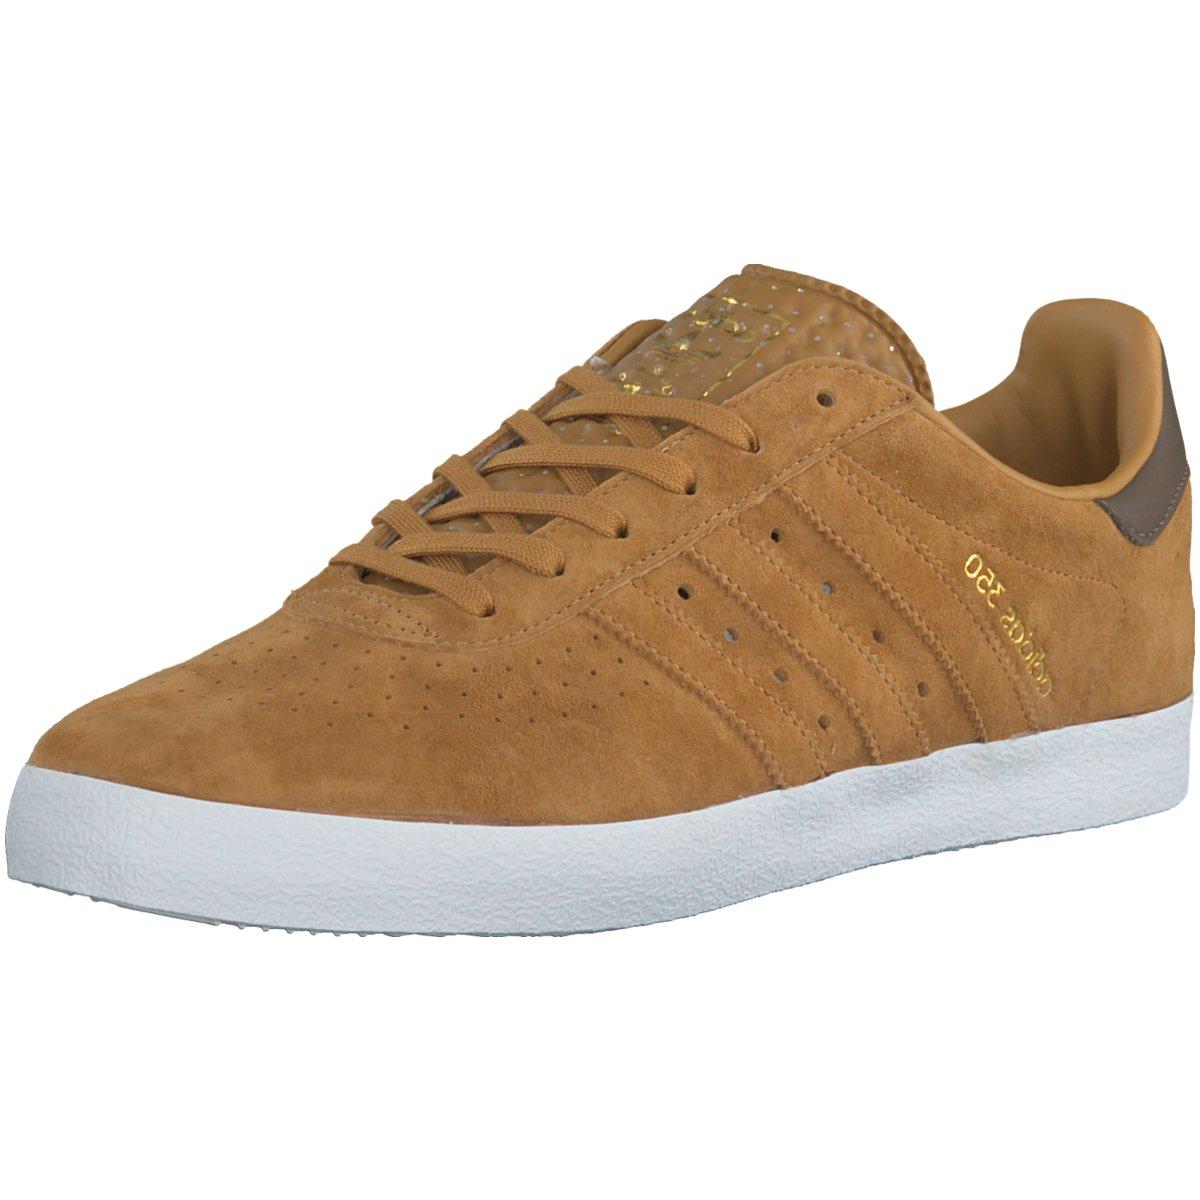 S2K adidas Originals Herren Herren Herren Turnschuhe 350 Turnschuhe Herren Schuhe braun BB5291 224d78